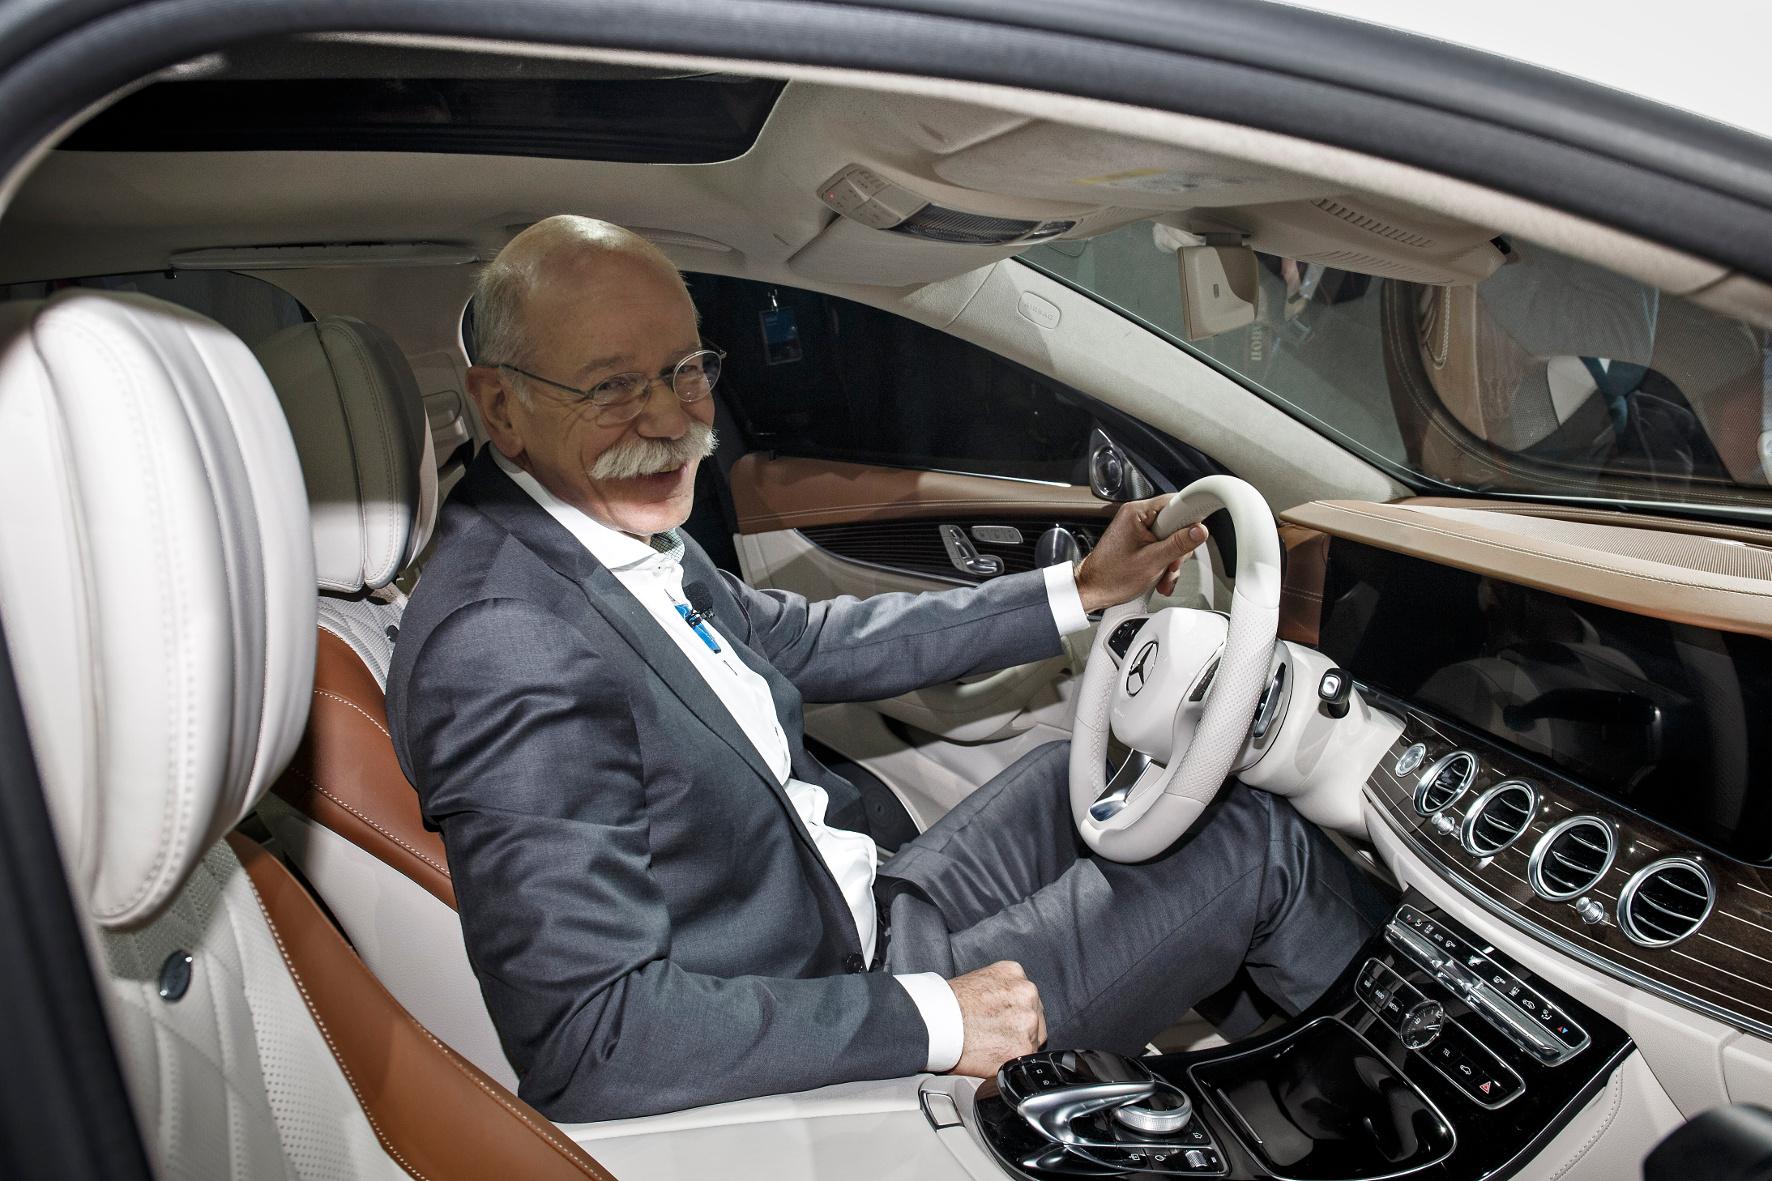 Klare Ansage: Daimler will auf dem Weg zu immer intelligenteren Fahrzeugen eine Führungsrolle übernehmen. Ein Stück Zukunft ist laut Daimler-Chef Dieter Zetsche bereits die neue E-Klasse.